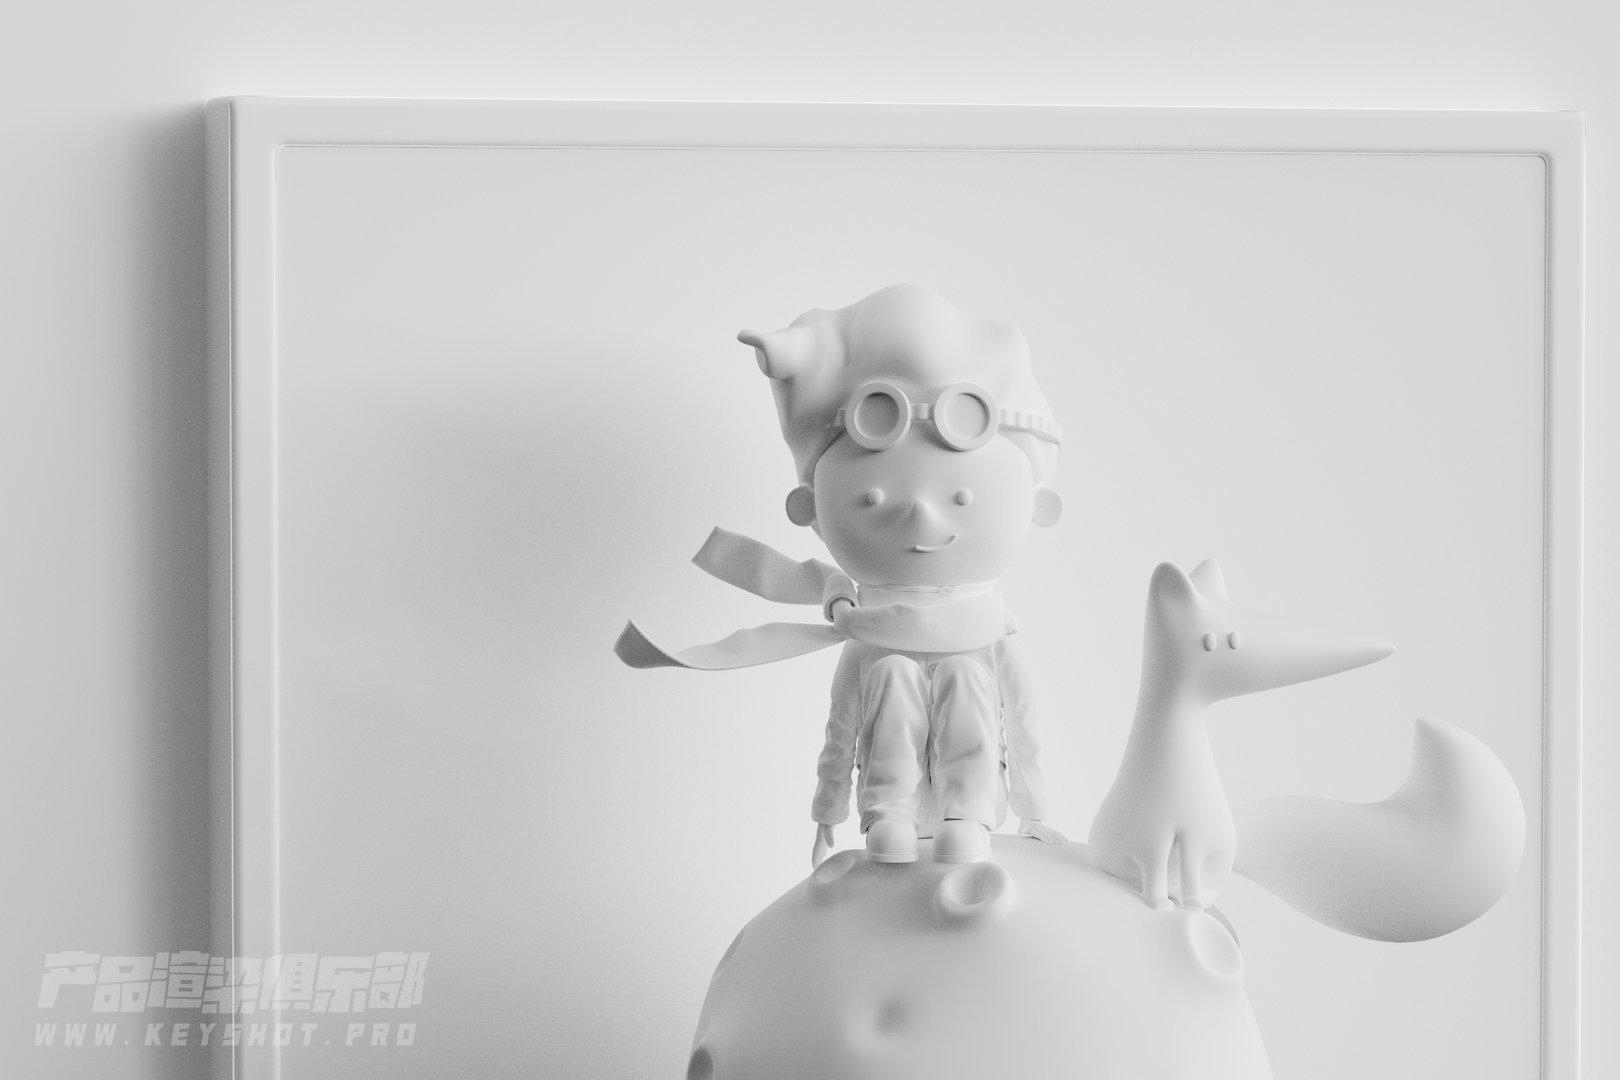 产品渲染/小王子玩偶童趣风格